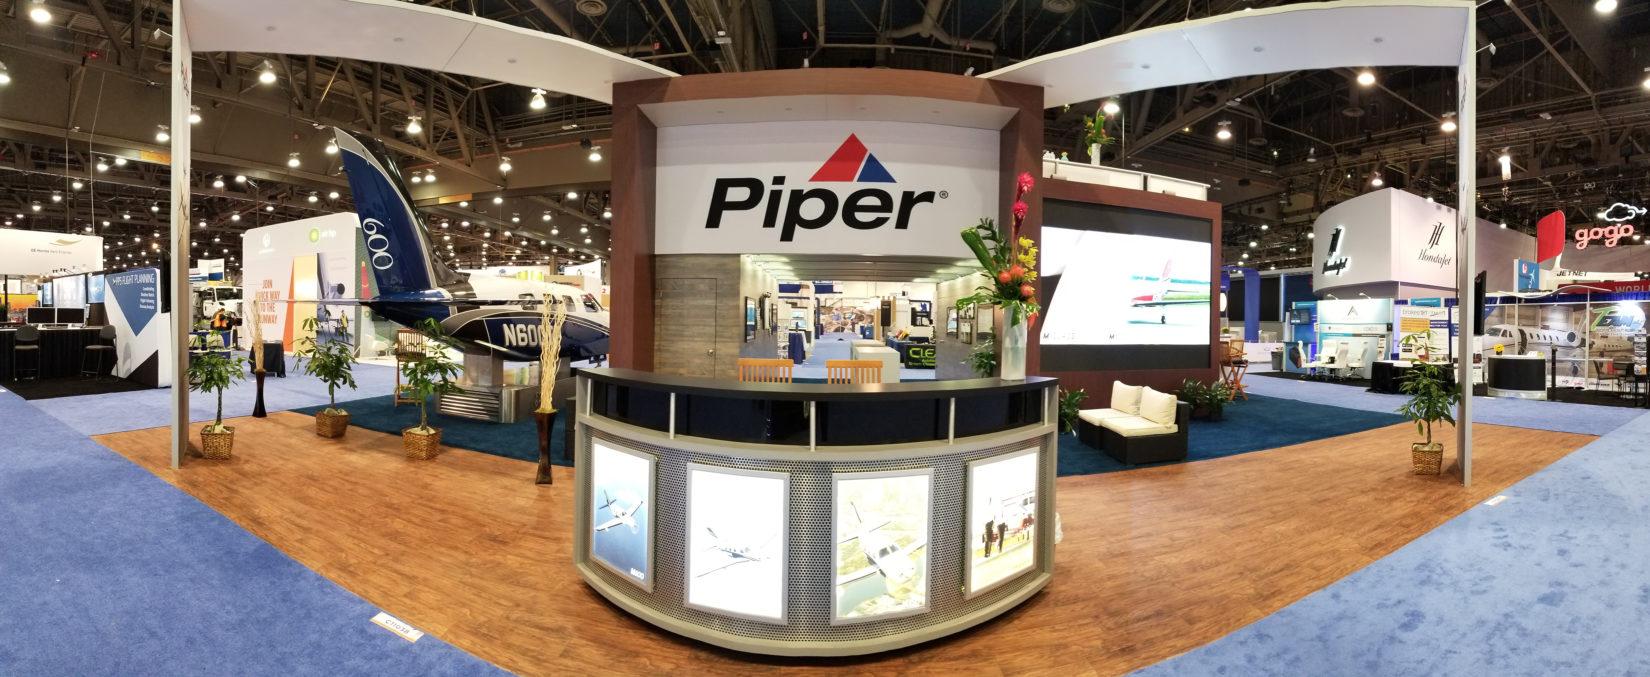 Piper Aircraft booth at a tradeshow